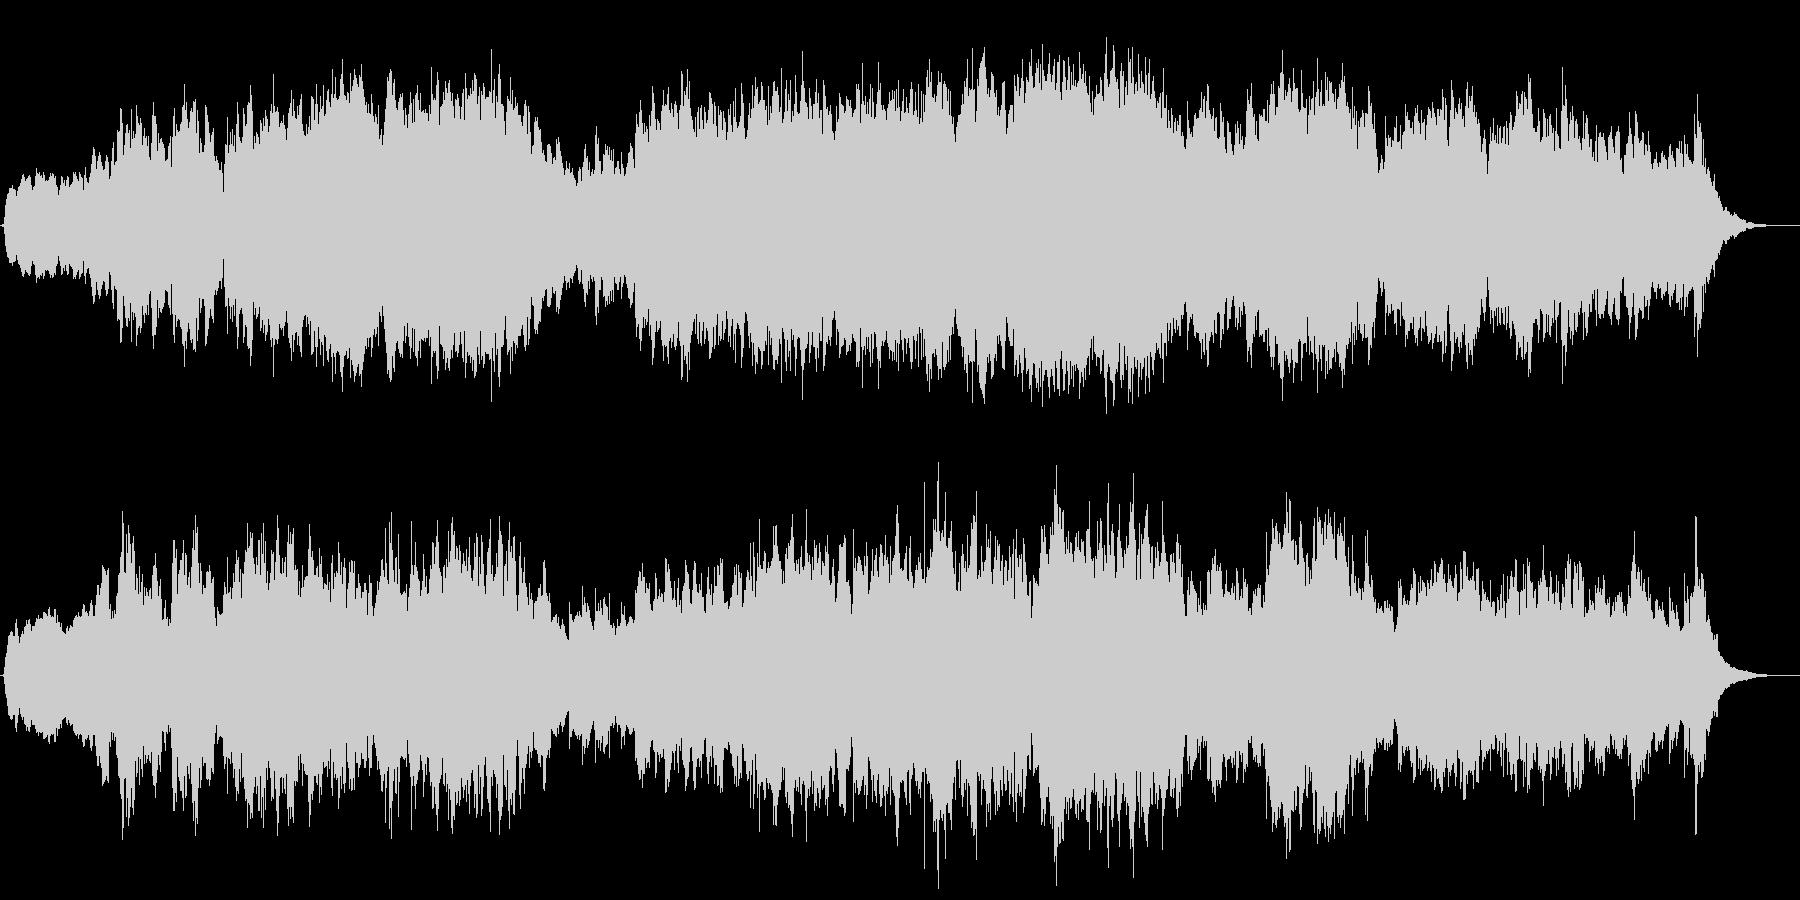 ミステリーとダークオーケストラトラックの未再生の波形